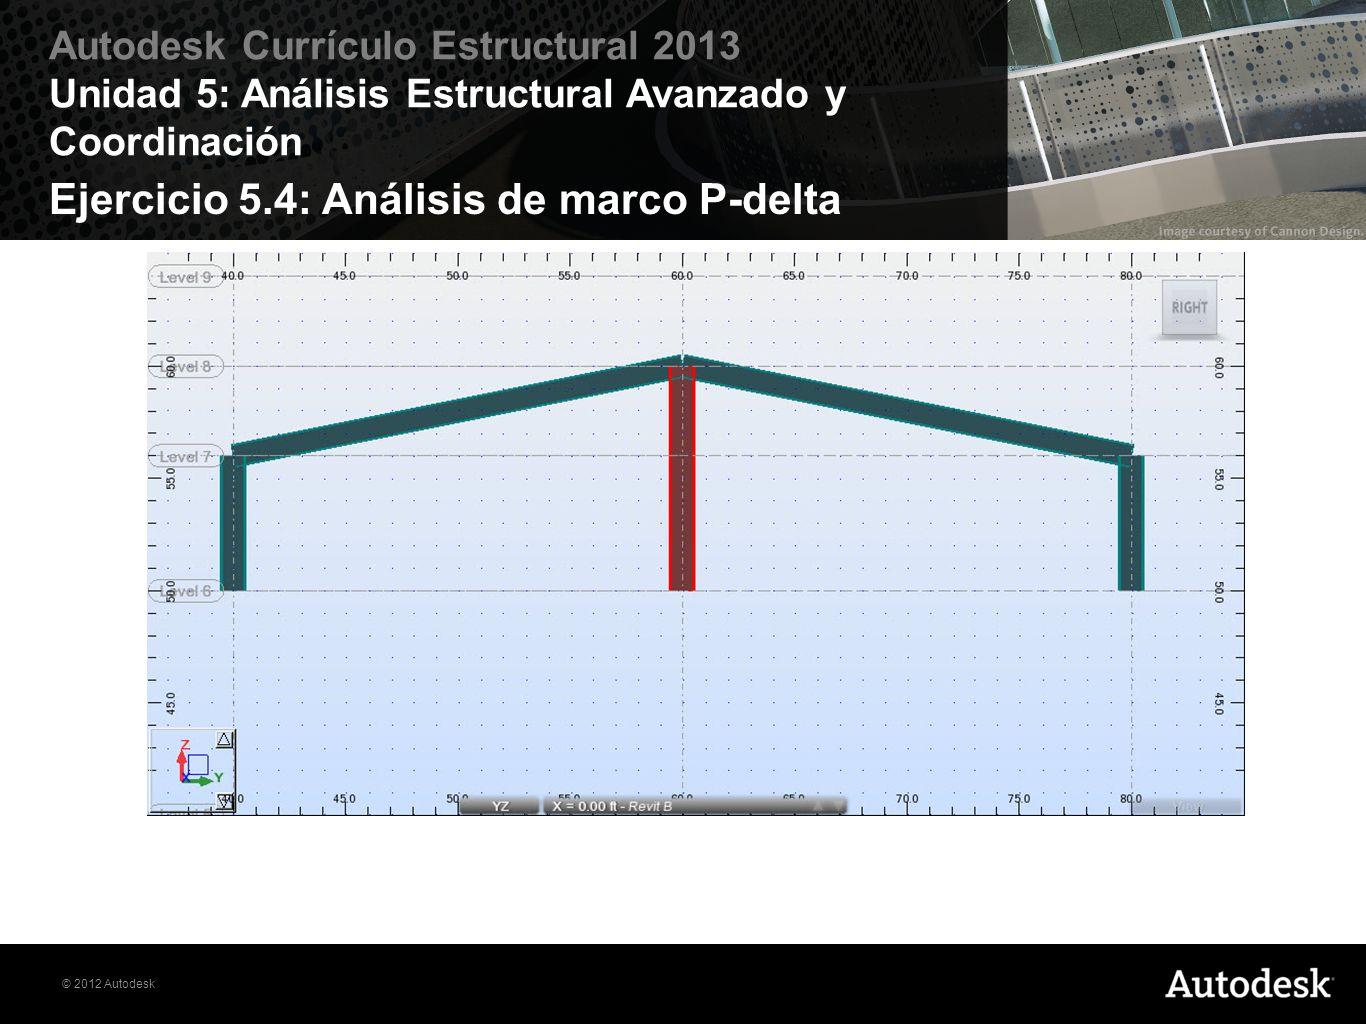 © 2012 Autodesk Autodesk Currículo Estructural 2013 Unidad 5: Análisis Estructural Avanzado y Coordinación Ejercicio 5.4: Análisis de marco P-delta